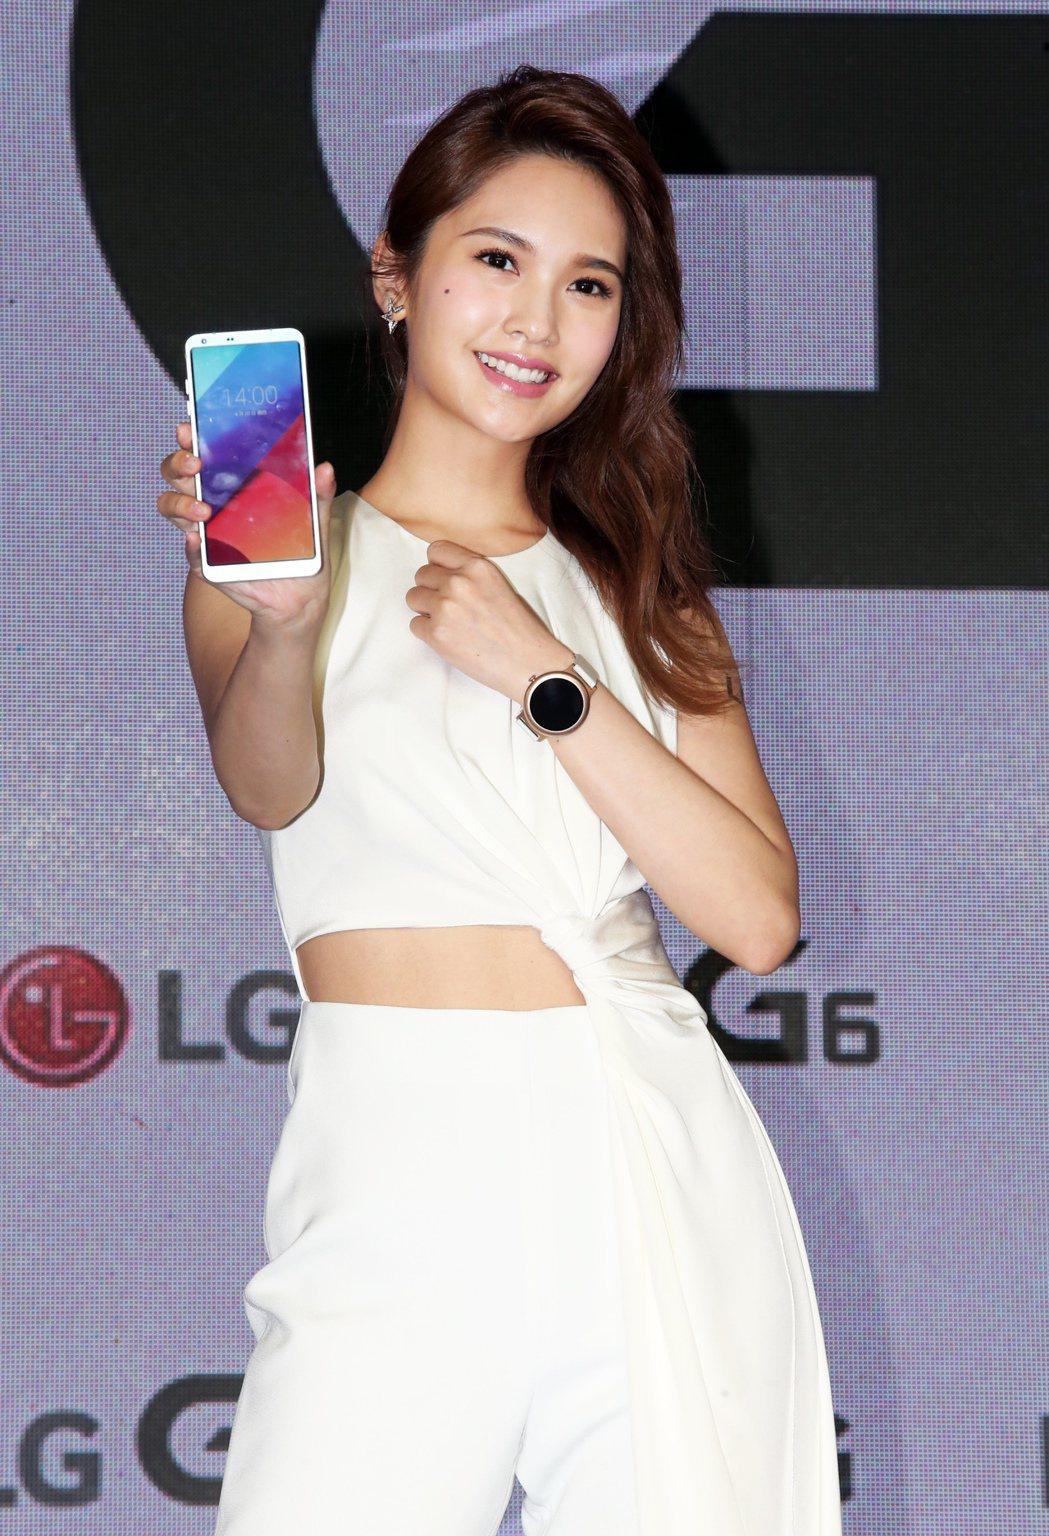 LG 今天舉辦 G6 旗艦手機上市發表會, 代言人楊丞琳出席站台。記者徐兆玄/攝...